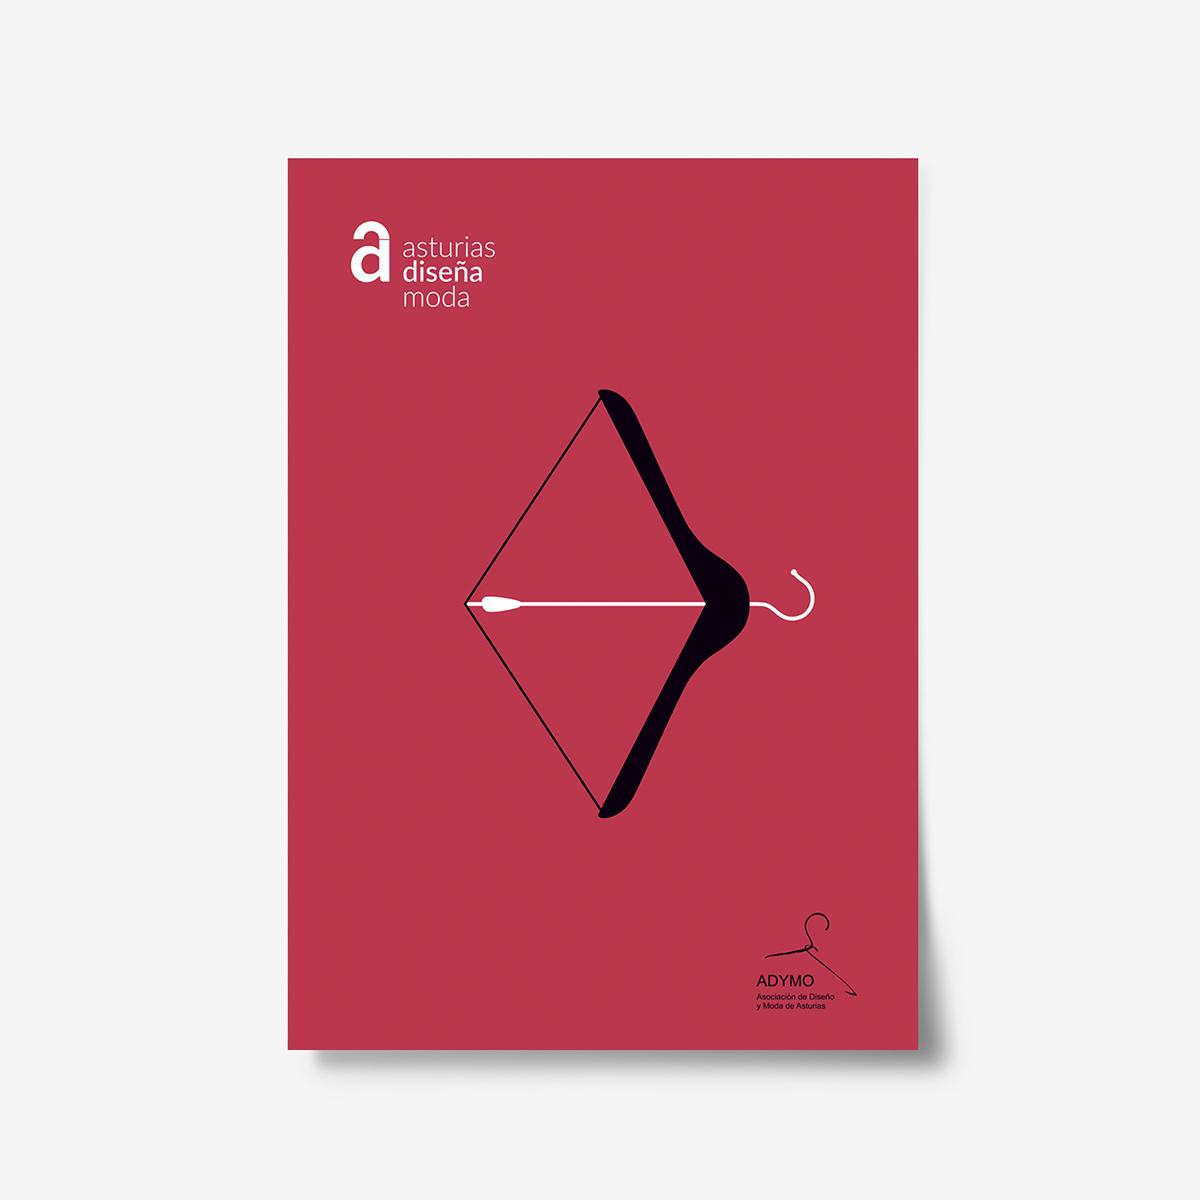 ADYMO. Diseño icono by Goyo Rodríguez